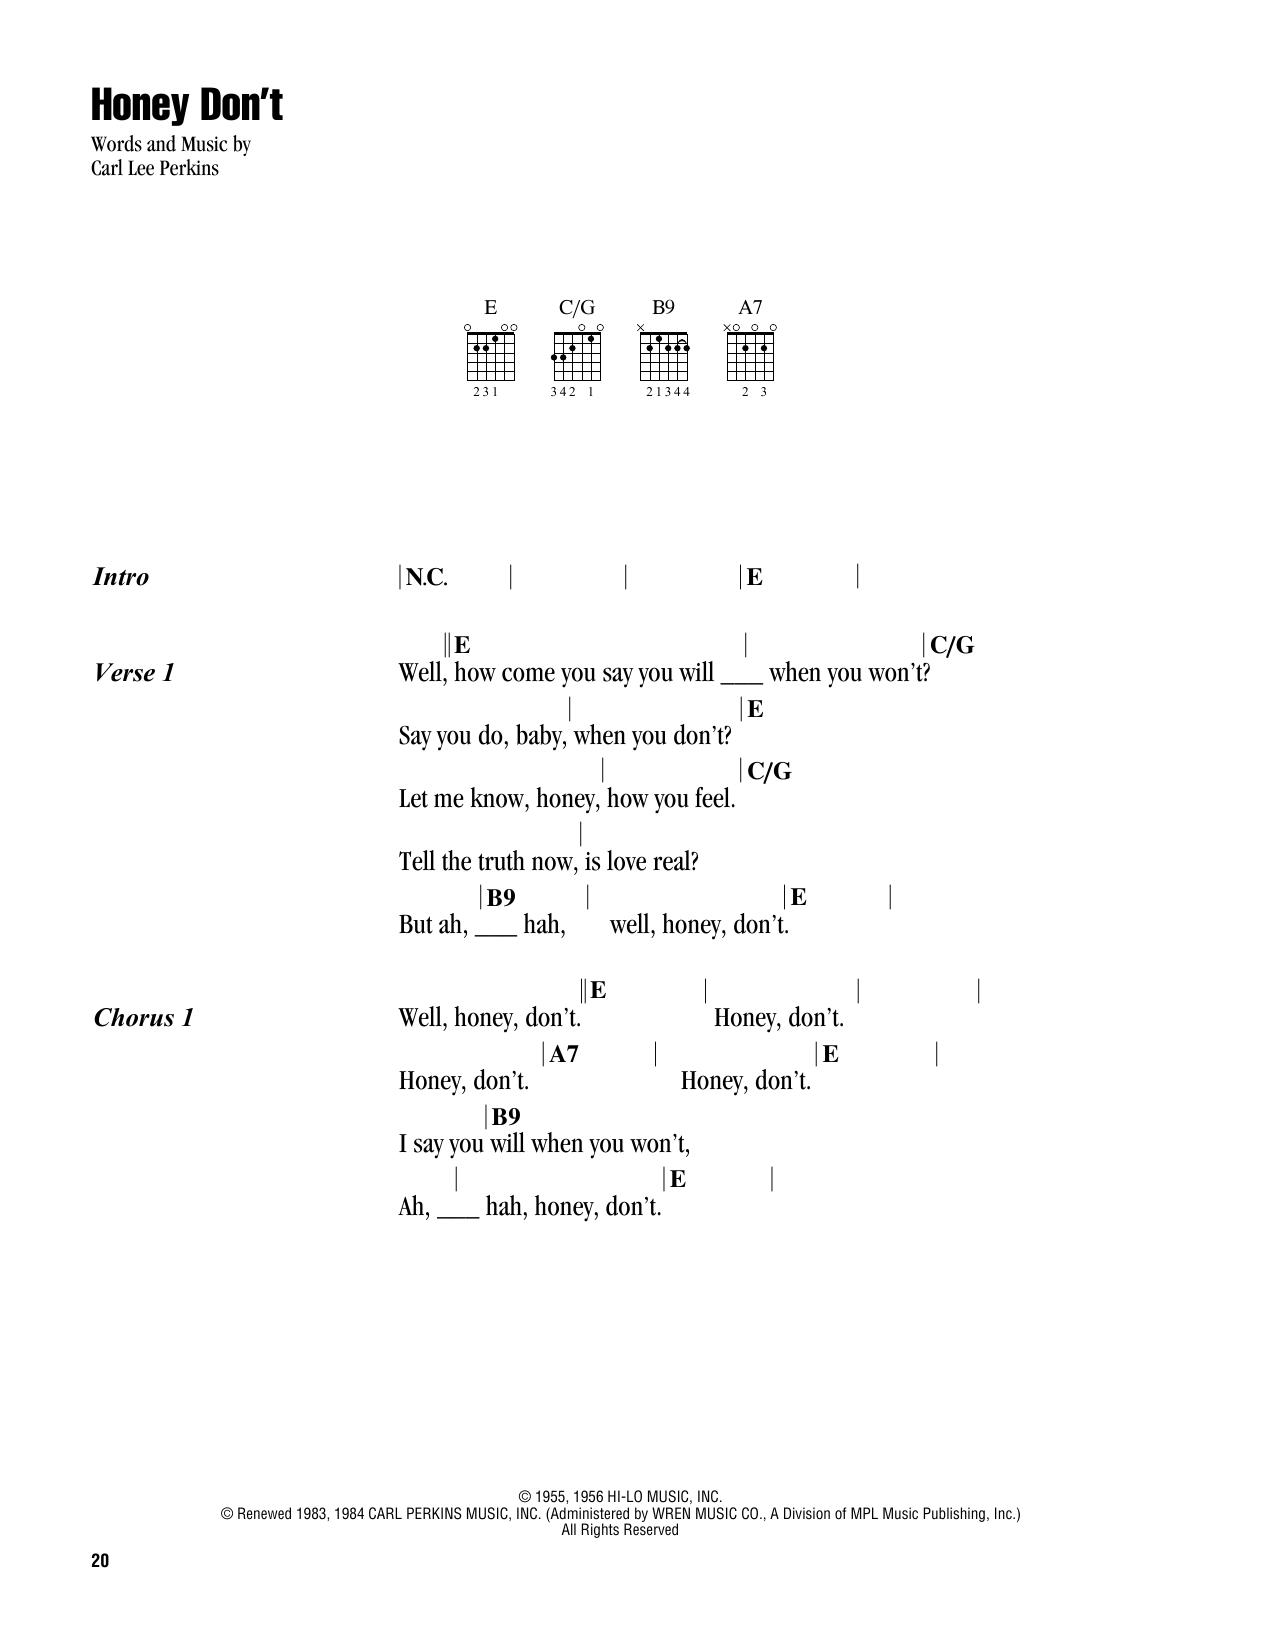 Honey Don't (Lyrics & Chords)